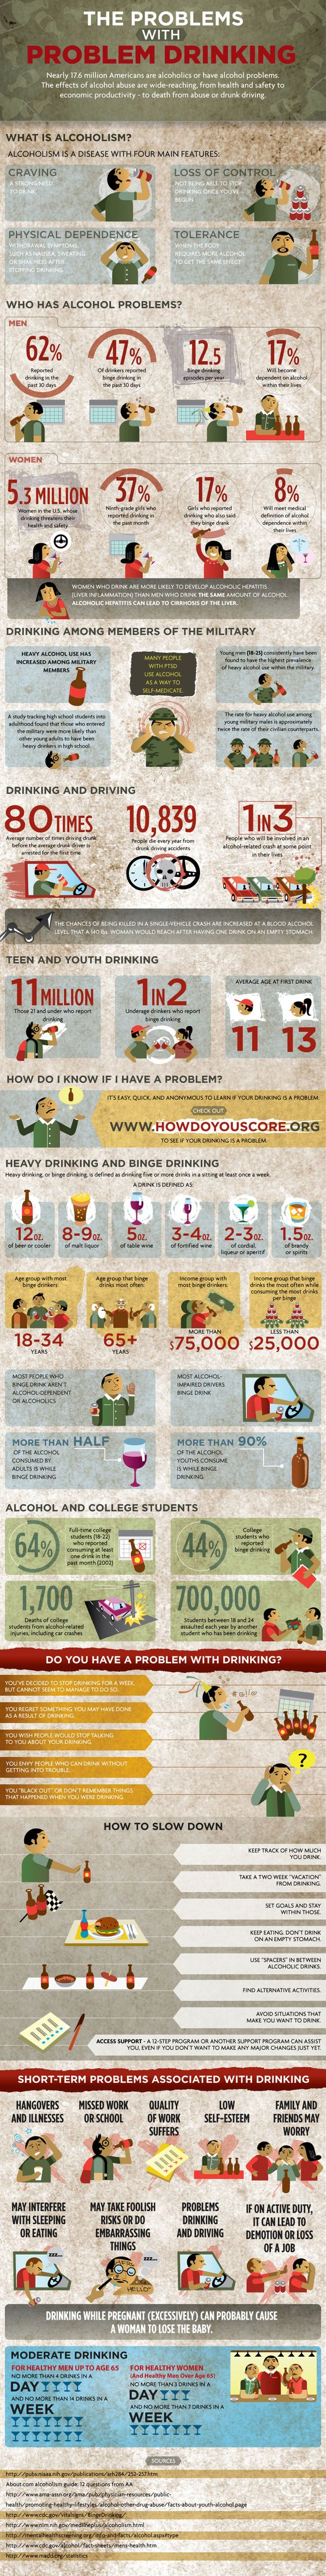 Los Problemas con los Problemas de Beber | The Problems with Problem Drinking